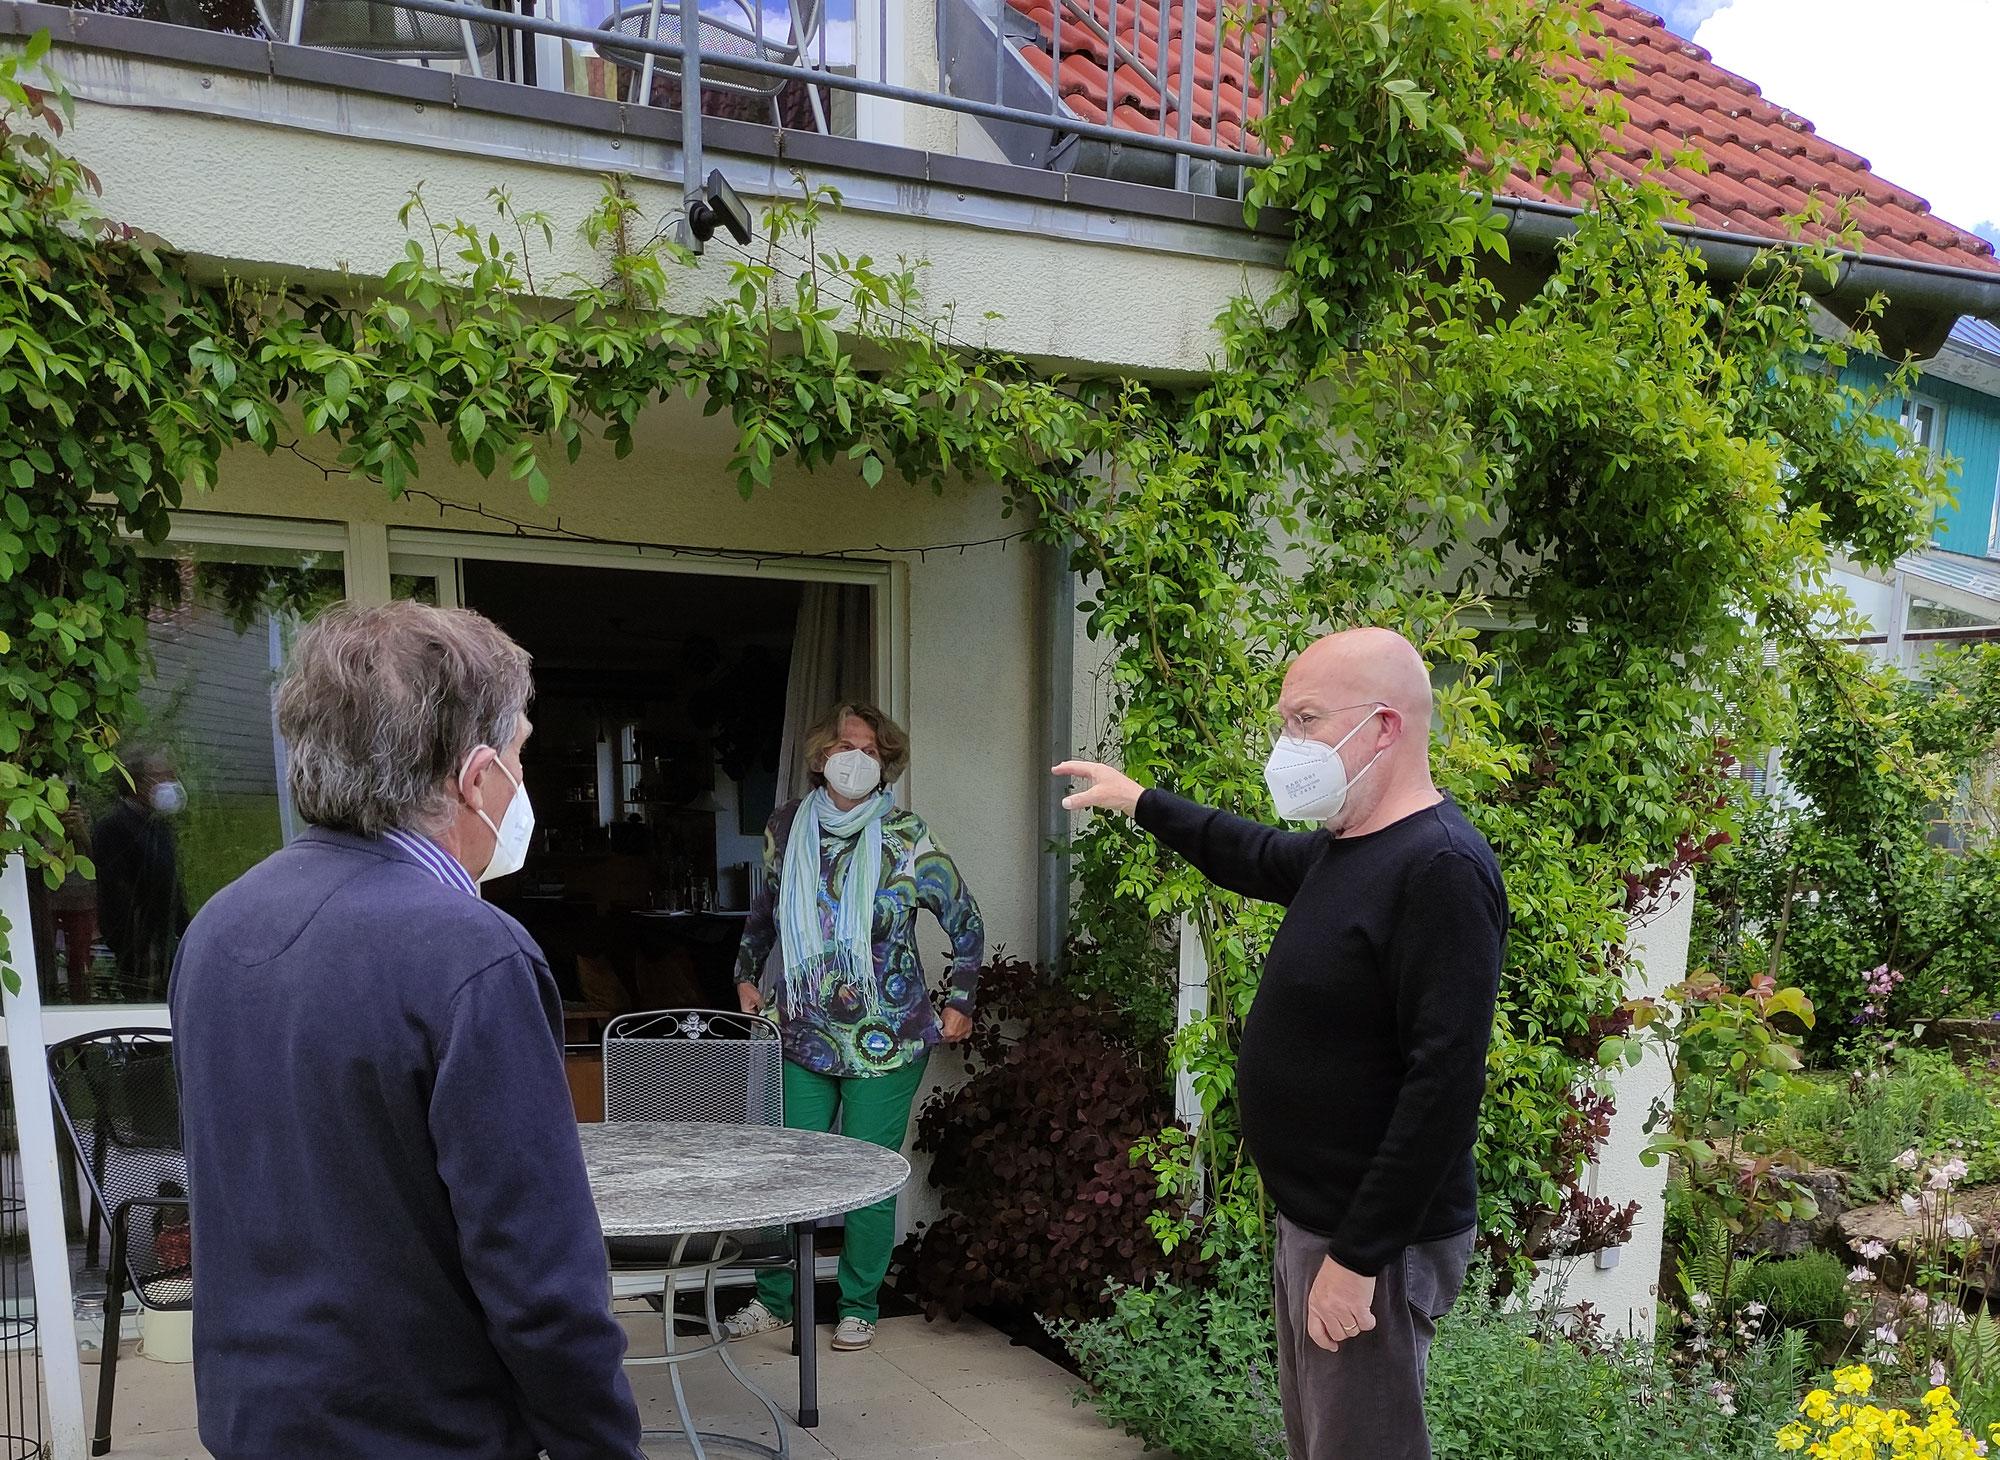 Wohnraumberatung in Zeiten von Corona – Ein Einblick aus Tübingen